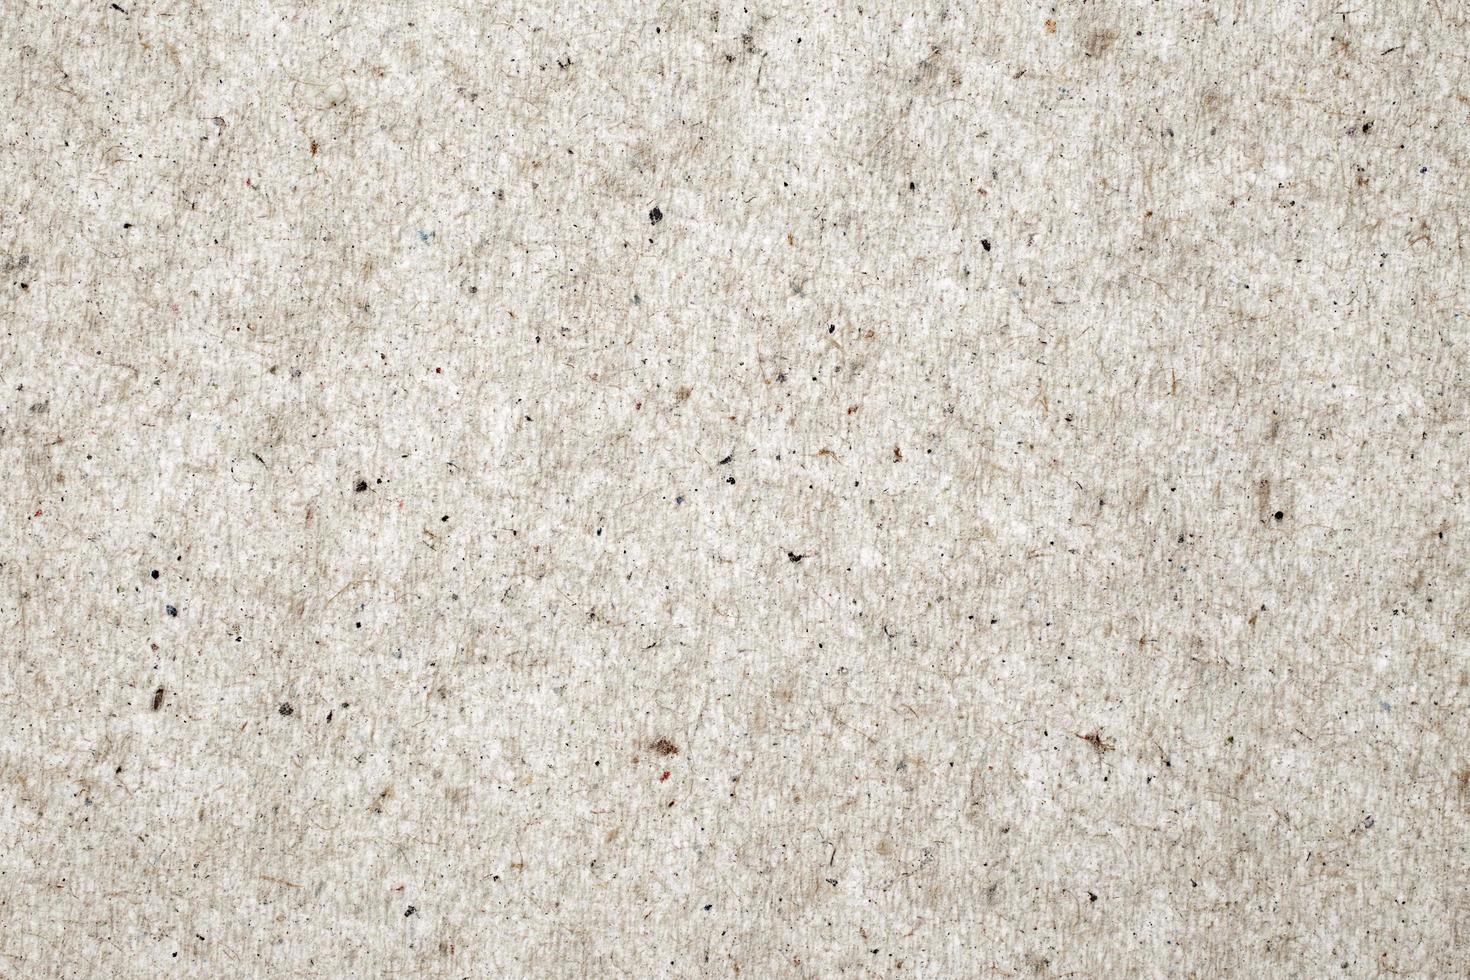 textuur van wc-papier foto